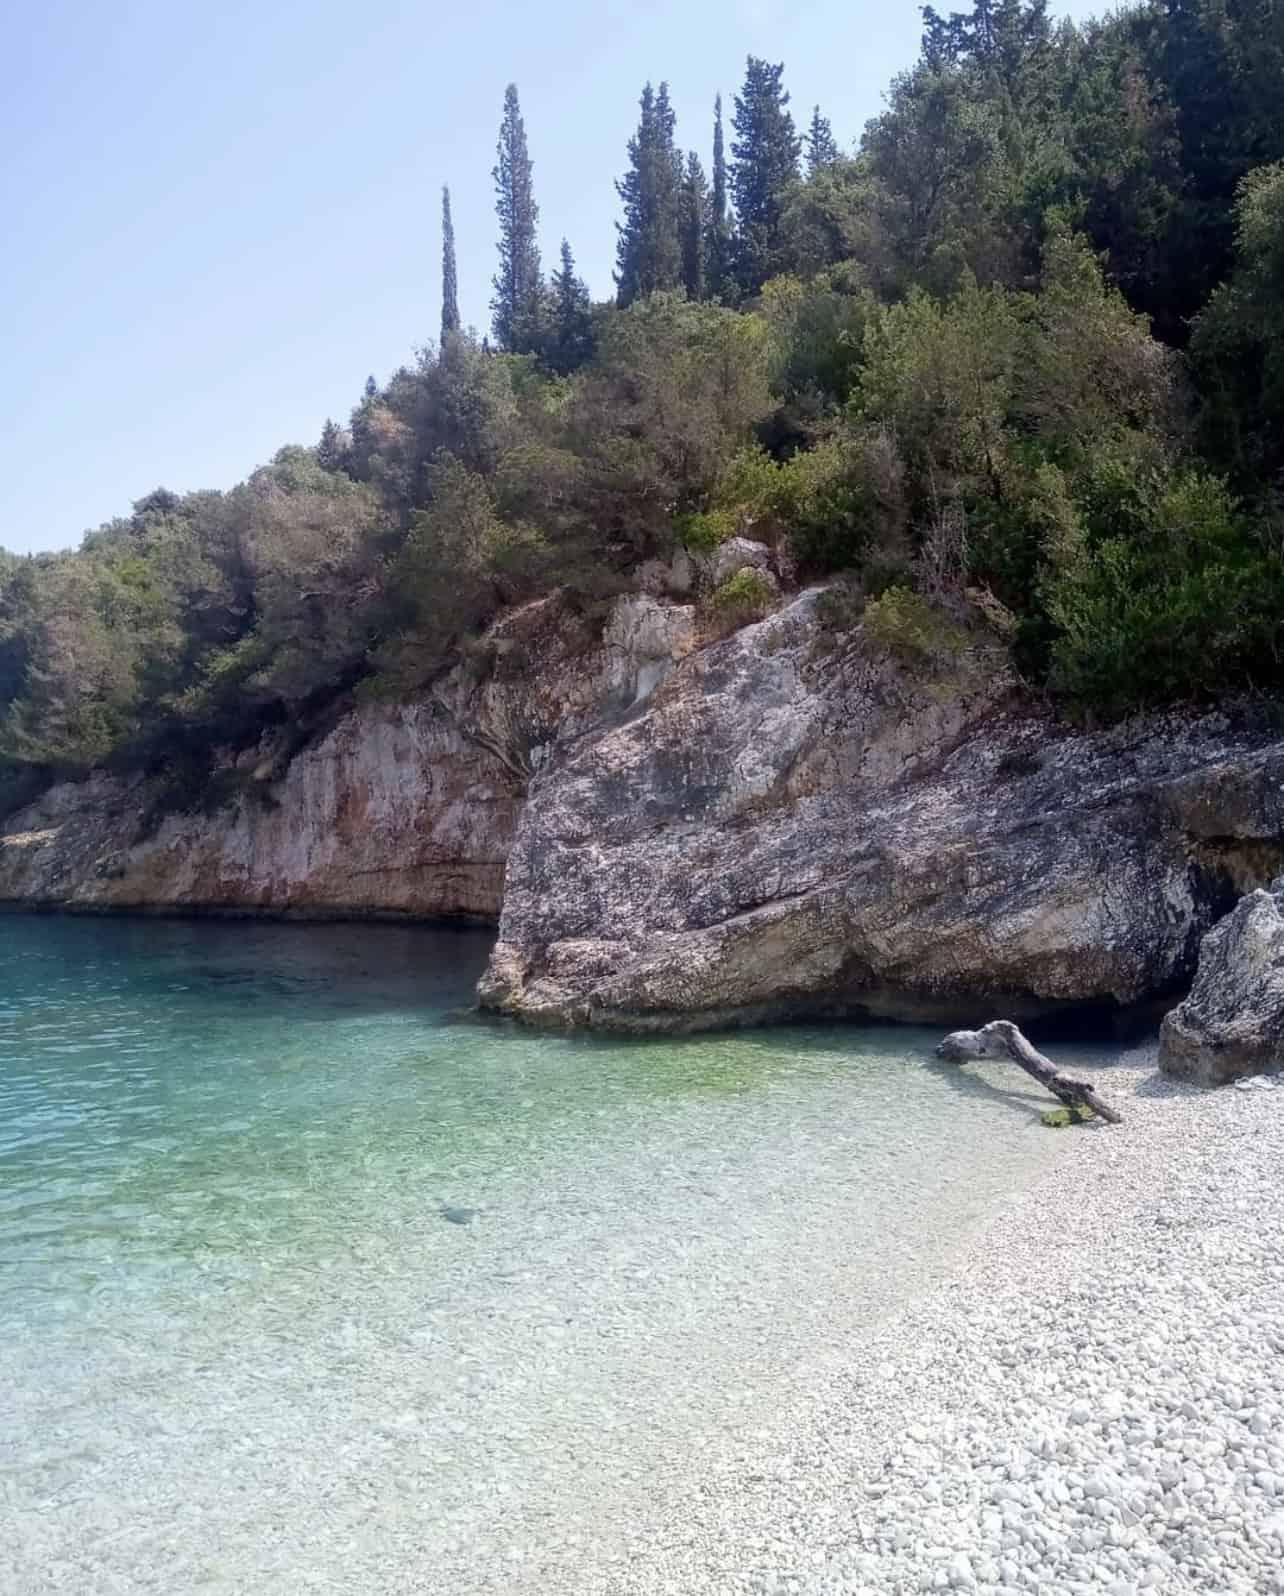 Camelia e Daphnudi a Cefalonia fanno parte della lista delle 10 migliori spiagge appartate d'Europa 7